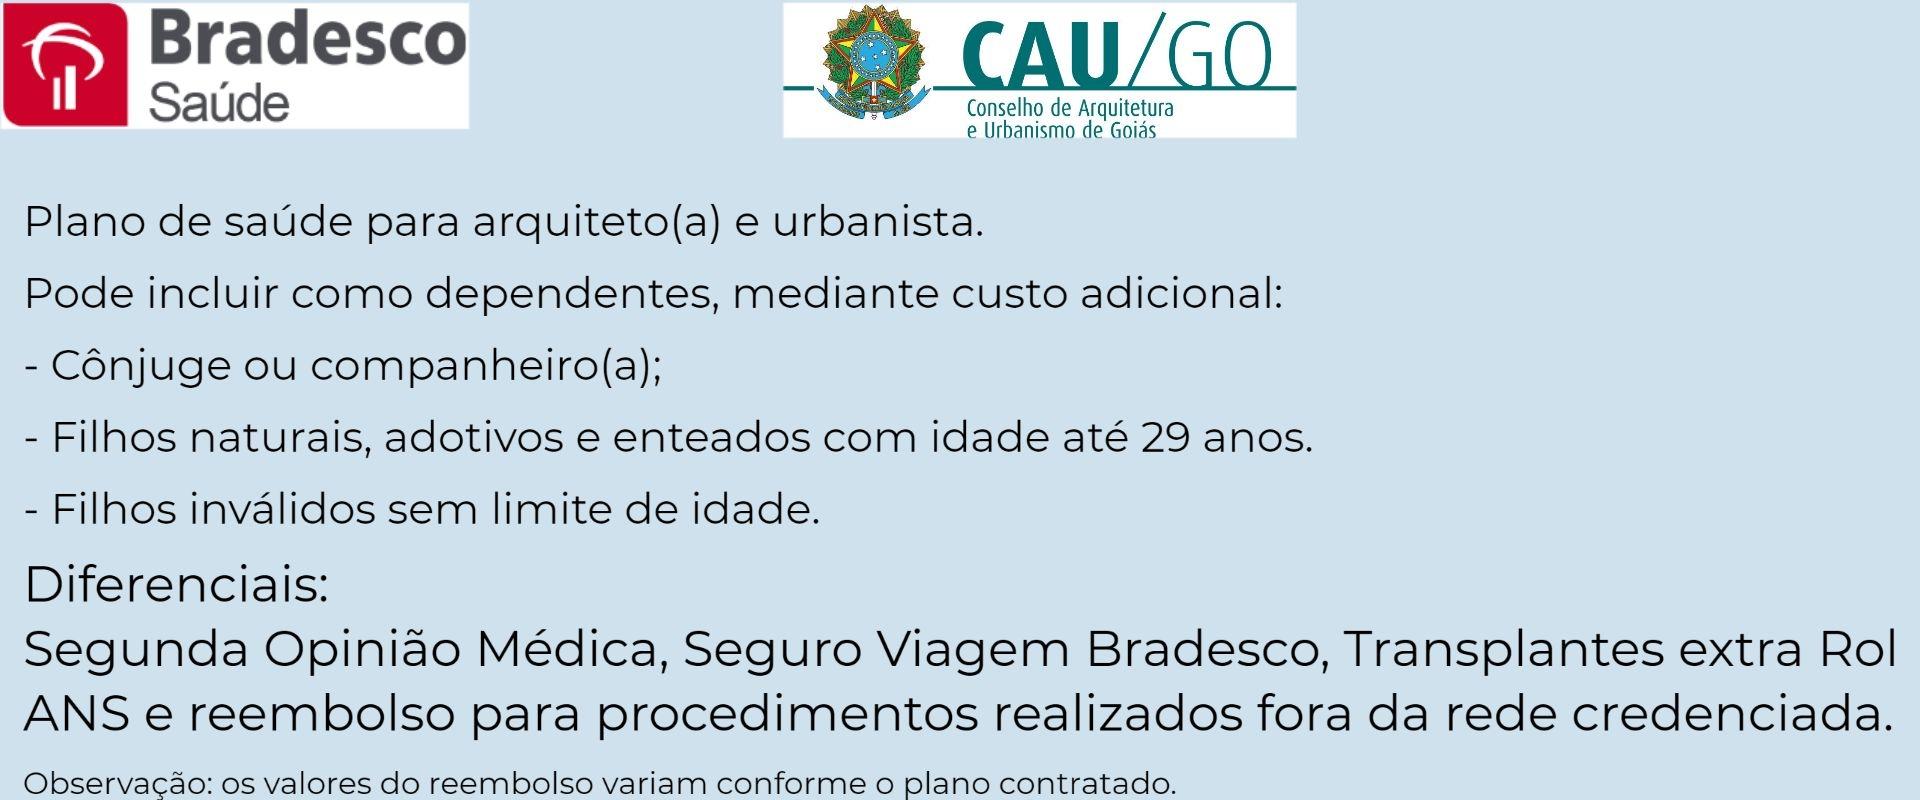 Bradesco Saúde CAU-GO